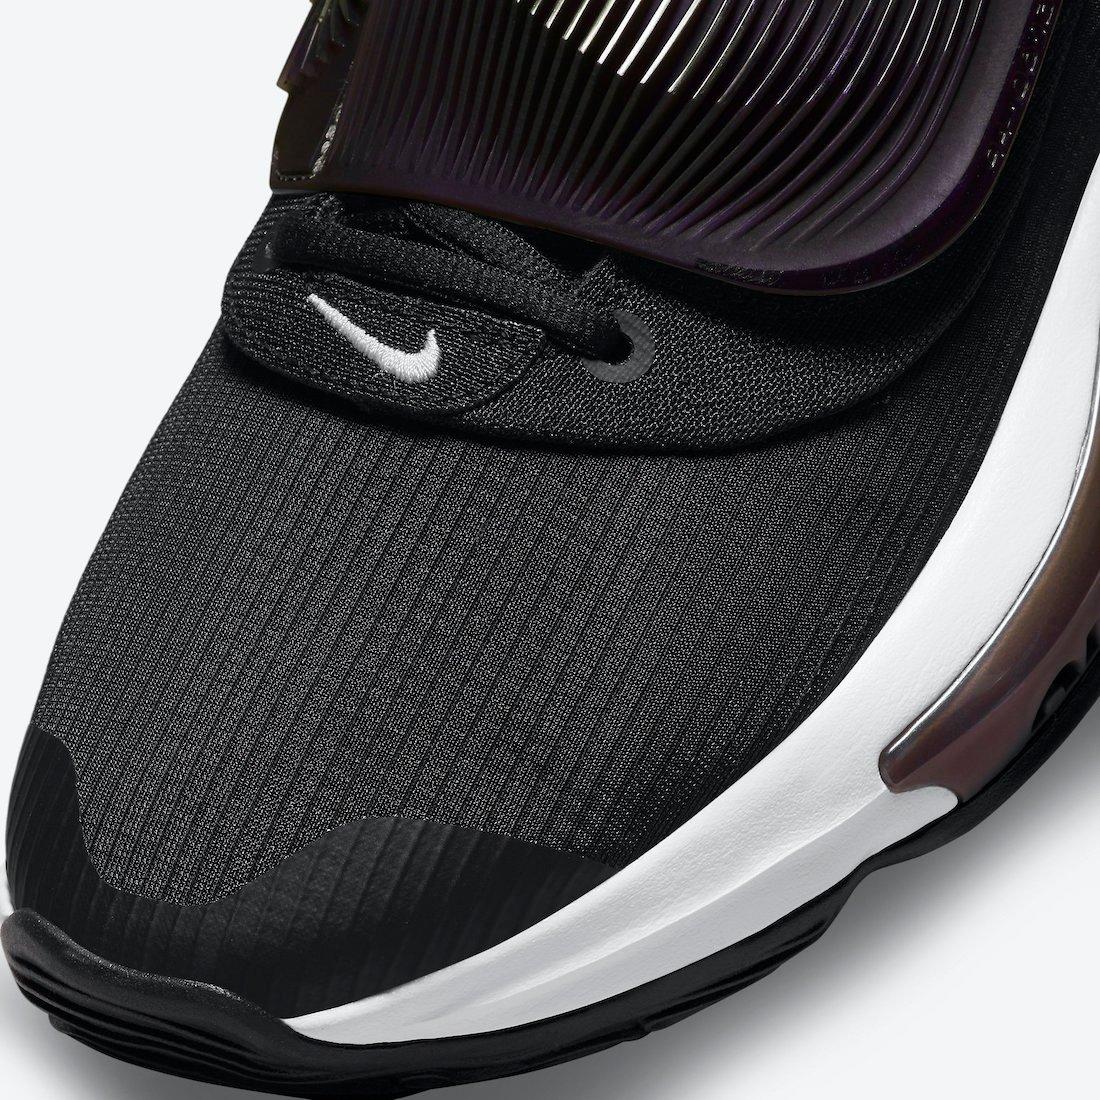 Nike Zoom Freak 3 Project 34 DA0695-001 Release Date Info